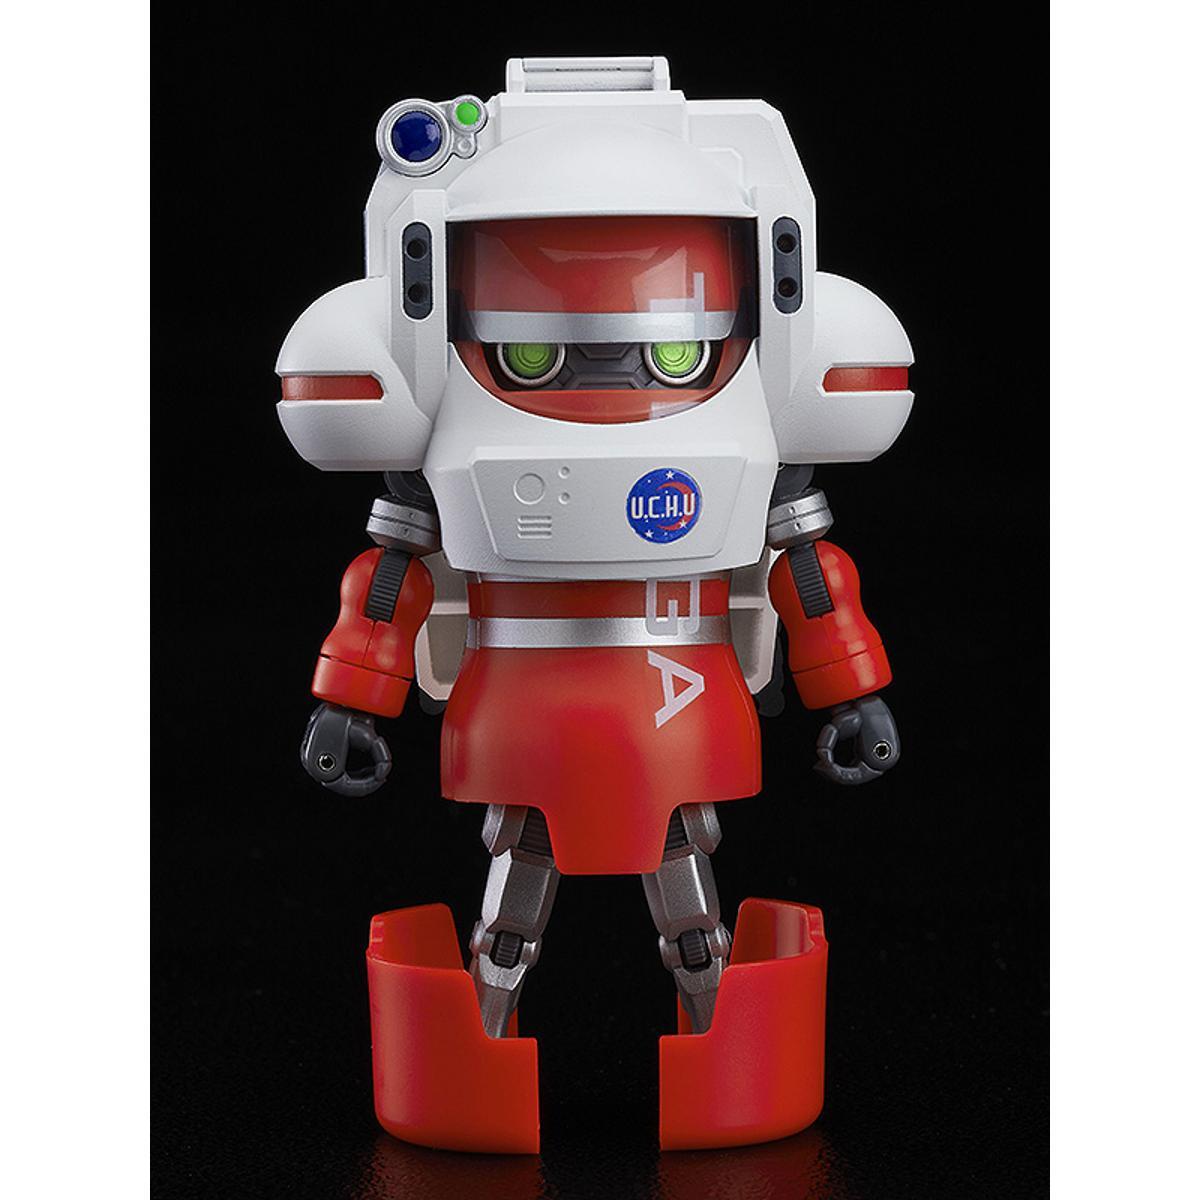 Space TENGA Robo